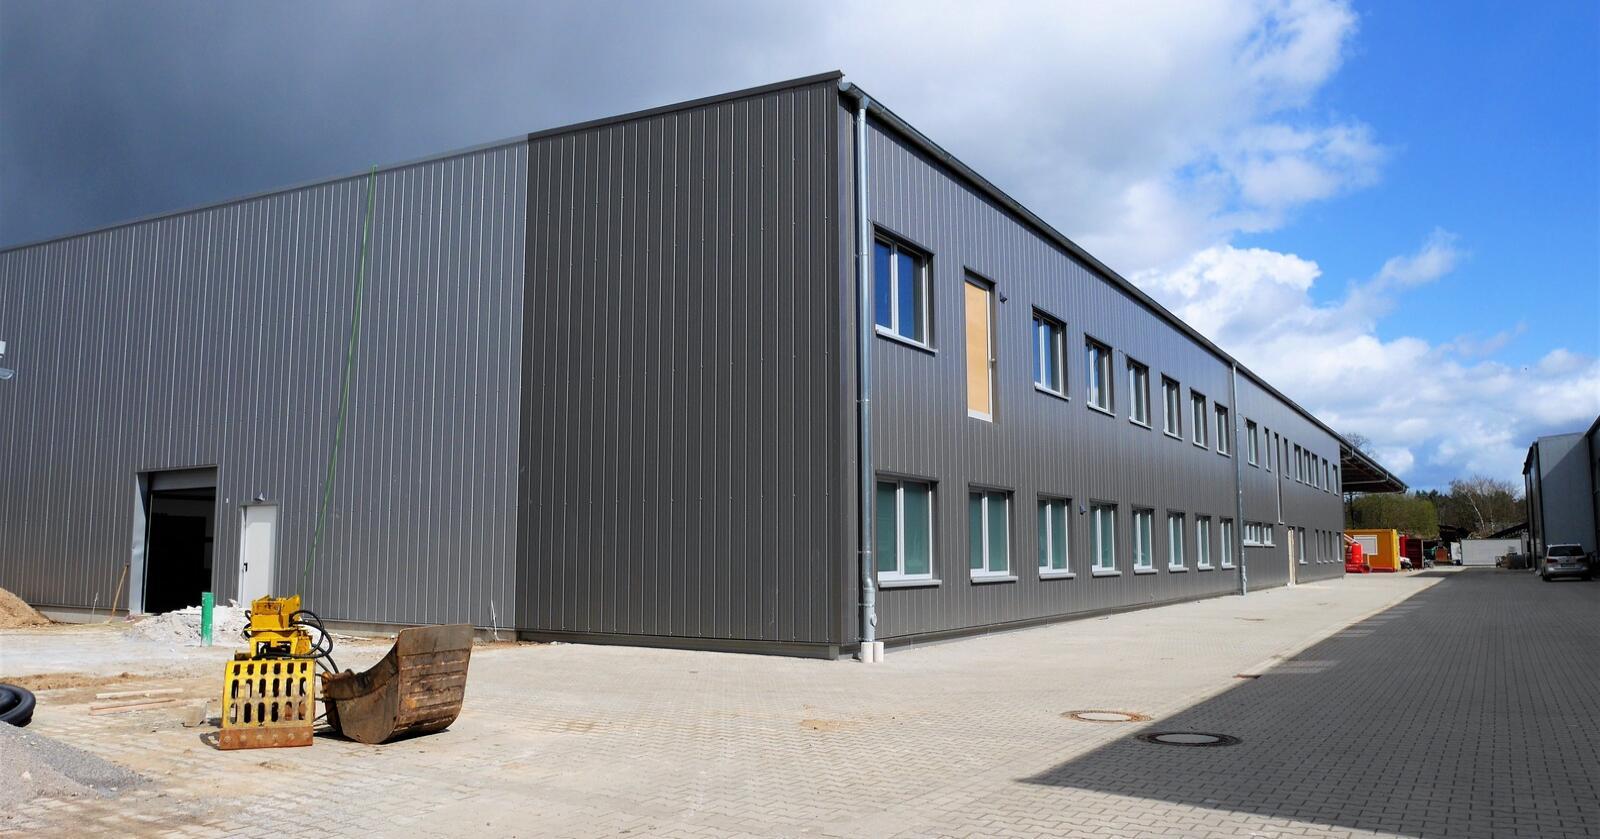 Nybygg: Den tyske produsenten av mekanisk utstyr, bygger nytt for å møte etterspørselen.